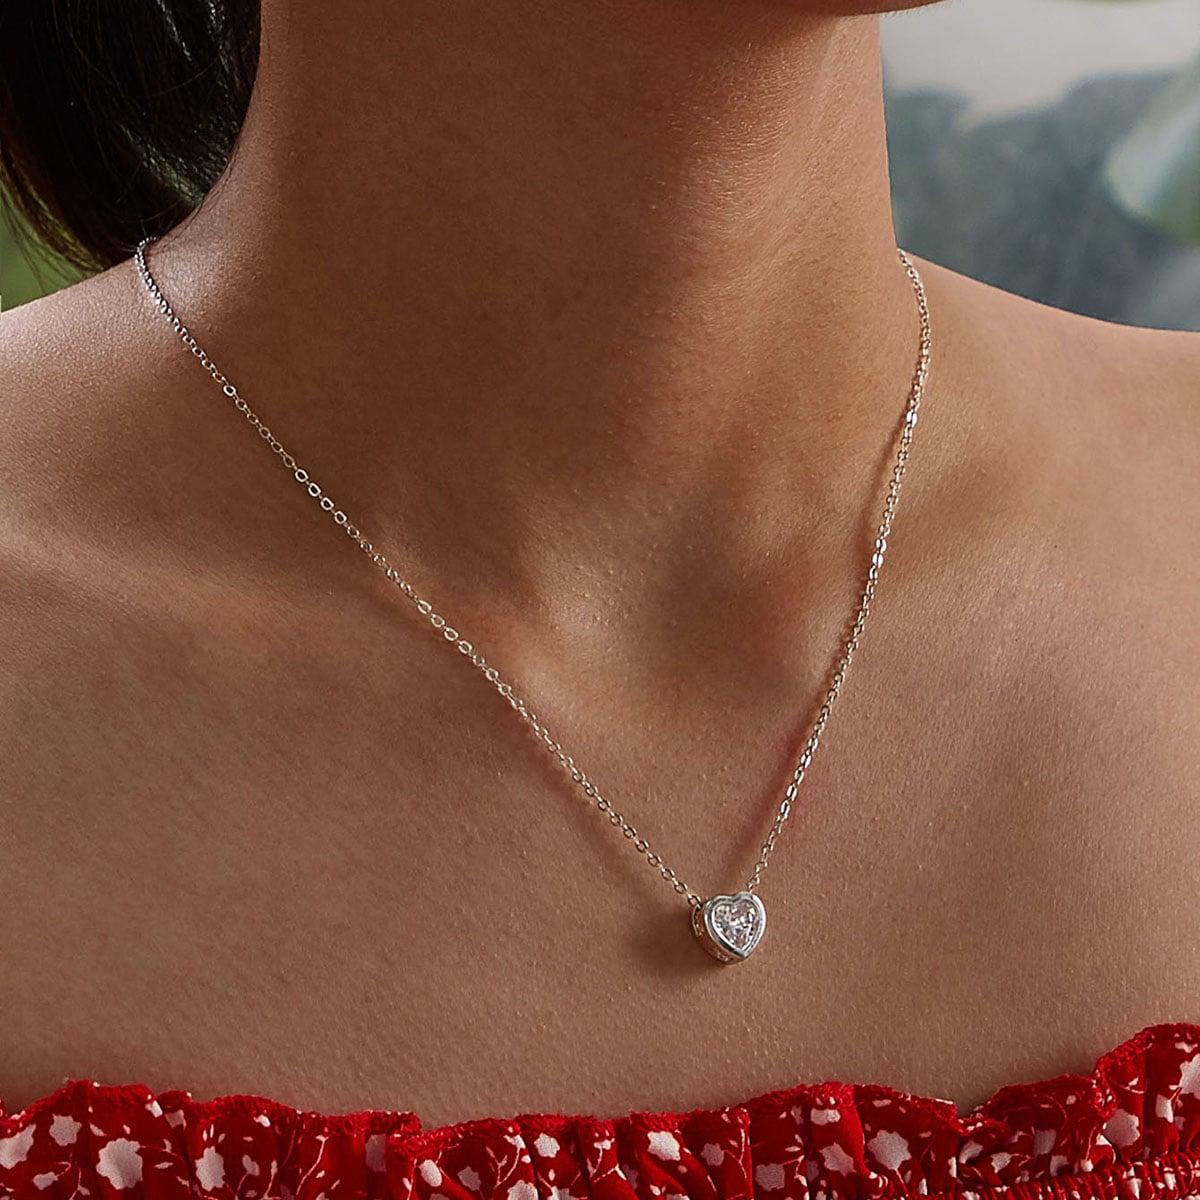 SHEIN / Herz Charm Halskette 1pc